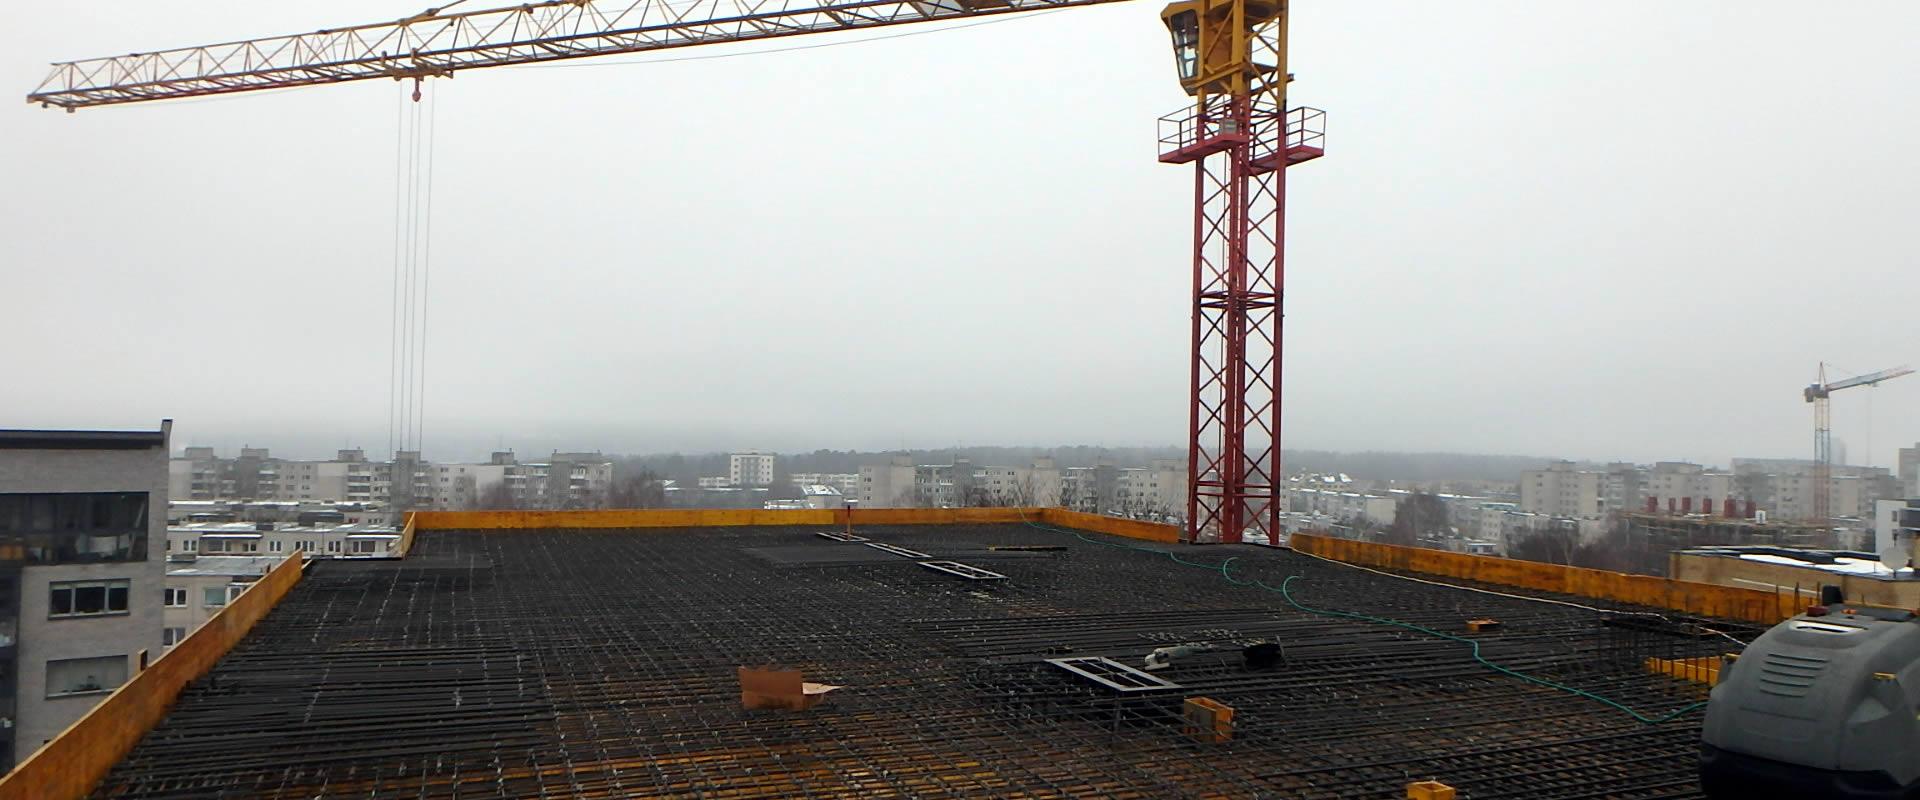 SPVG - Statybos Projektų Valdymo Grupė UAB - darbų techninė priežiūra, ranga, rekonstrukcija